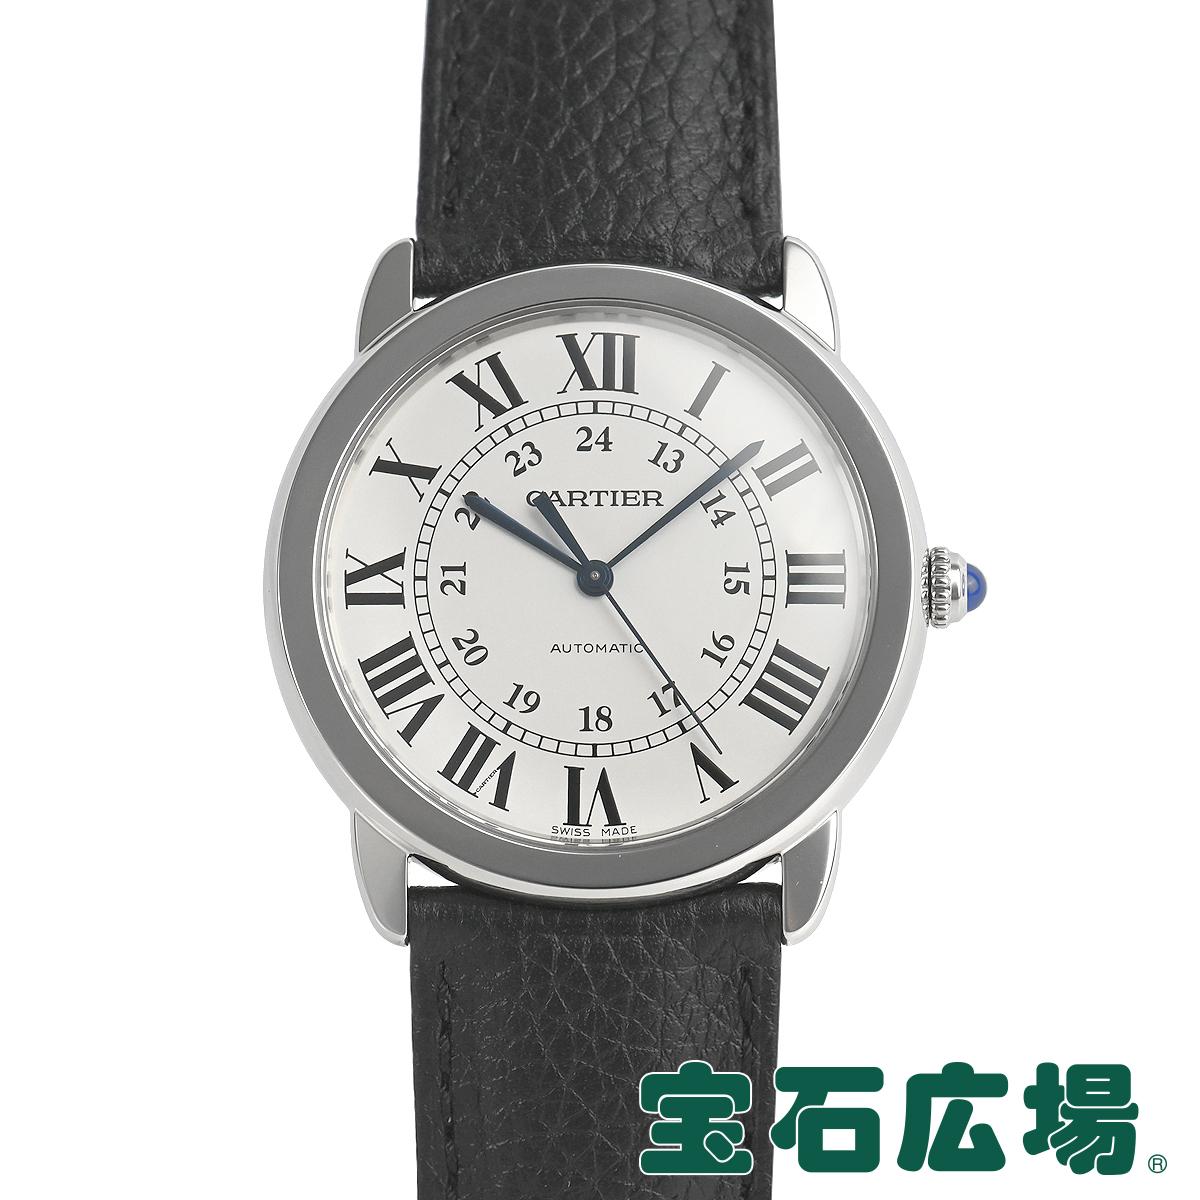 カルティエ CARTIER ロンド ソロ ドゥ カルティエ WSRN0021【中古】【極美品】ユニセックス 腕時計 送料無料